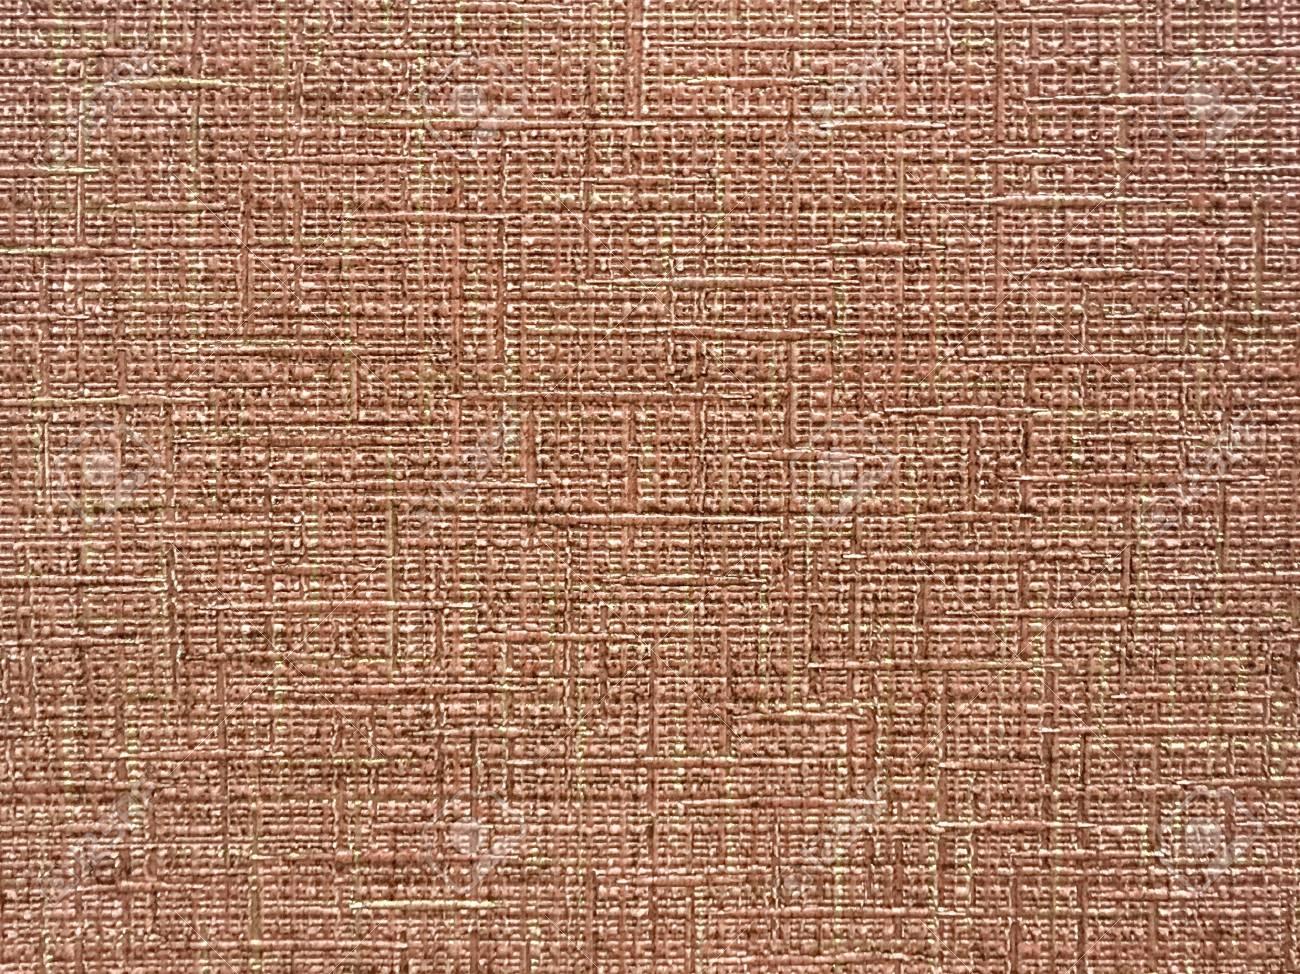 Texture De Papier Peint Marron Clair Avec Un Motif Dépouillé ...